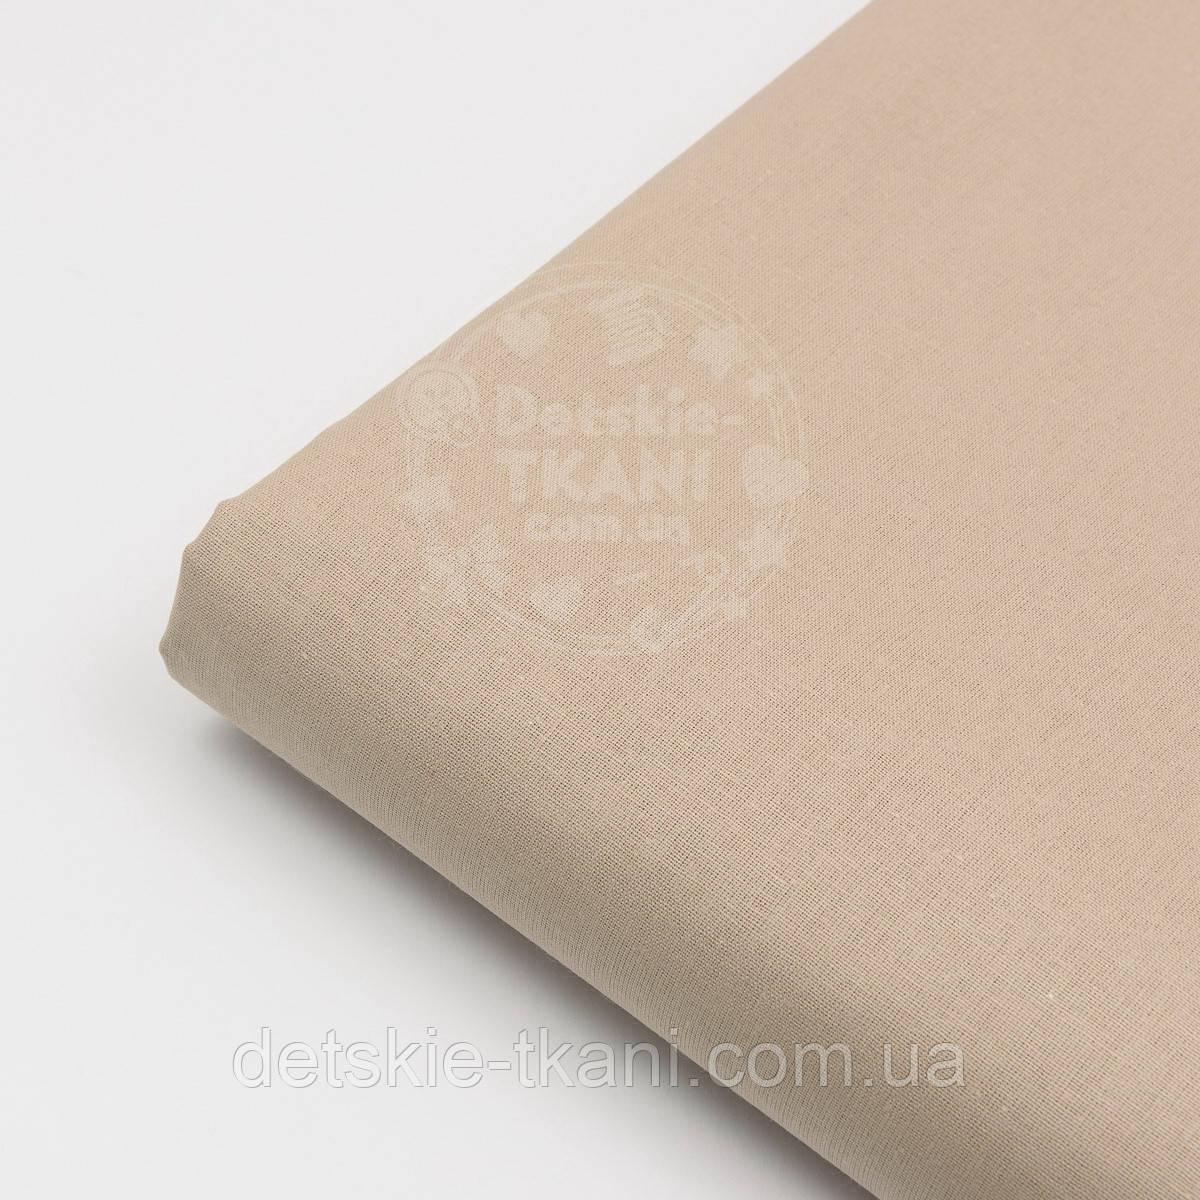 Отрез ткани, тёмно-бежевого цвета (№1559), размер 55*160 см